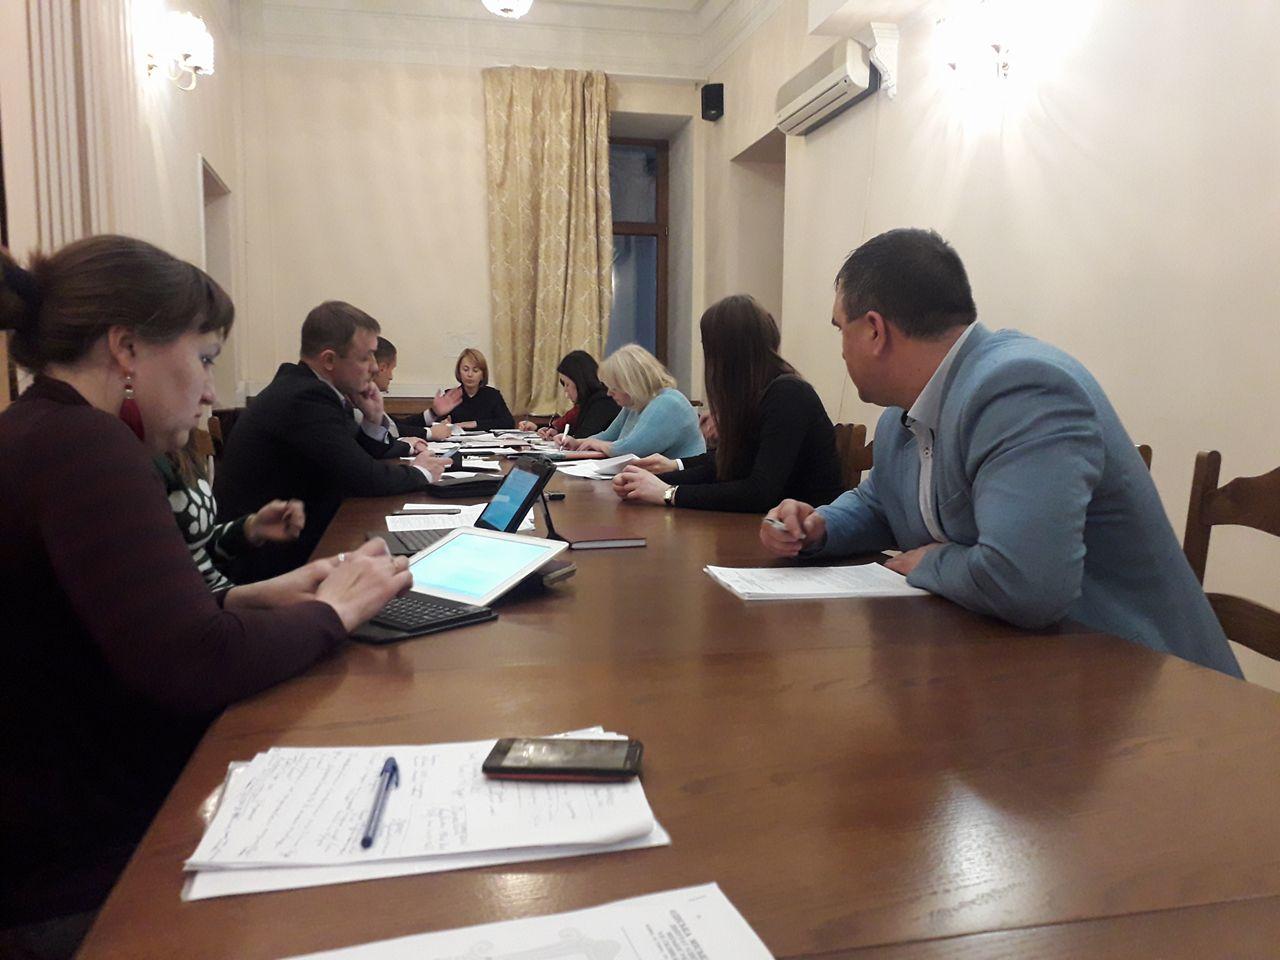 Одесские коммунальные предприятия остались без зарплат и финансовой поддержки города